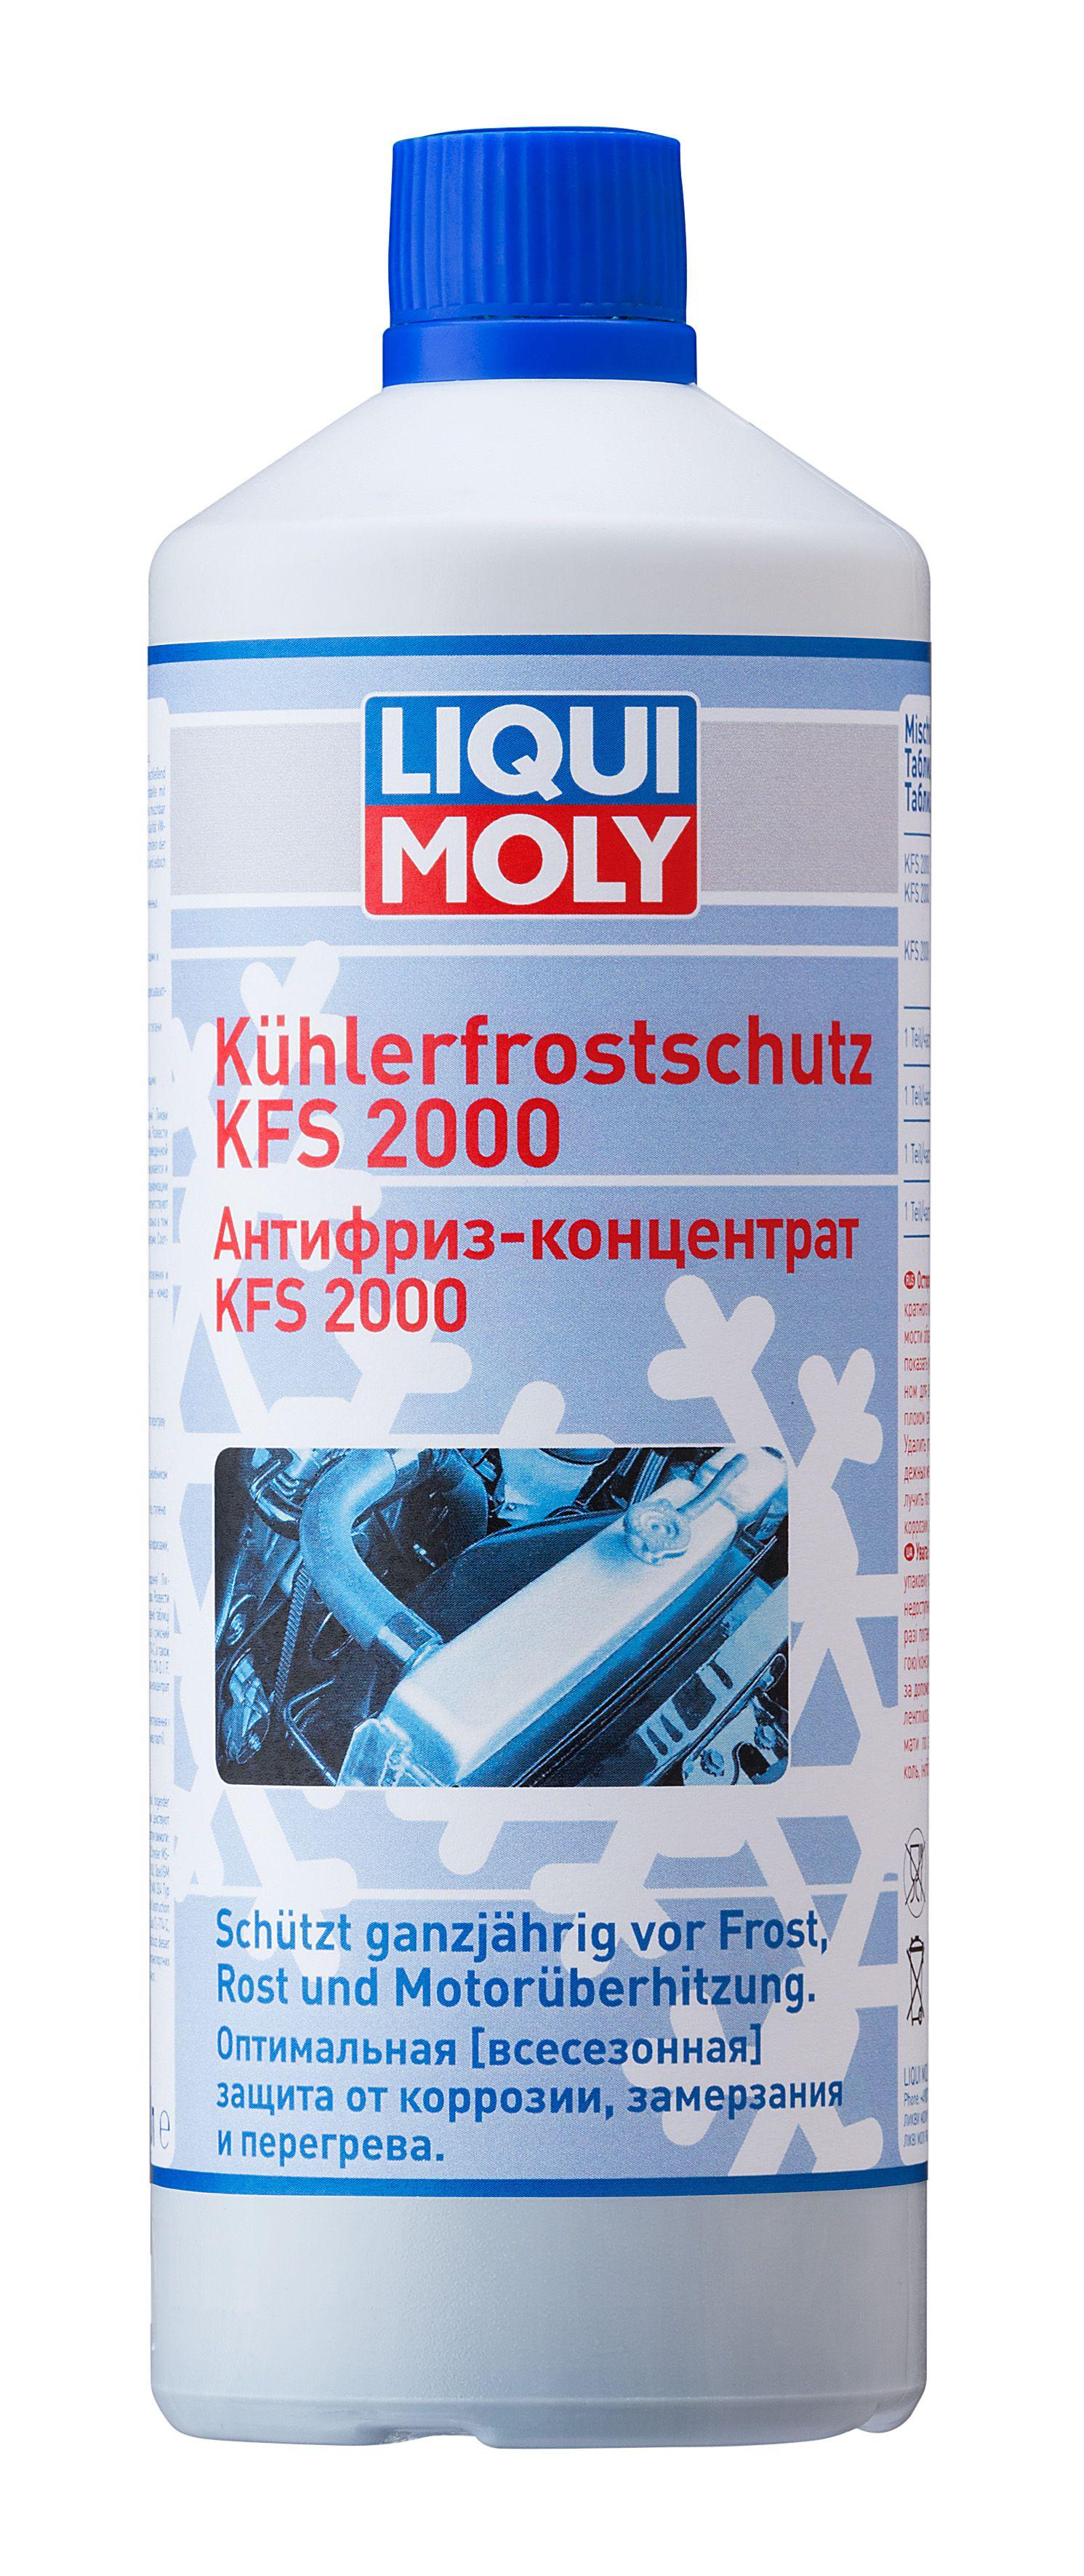 Антифриз LiquiMoly KFS2000 G11 концентрат 1 л 8844